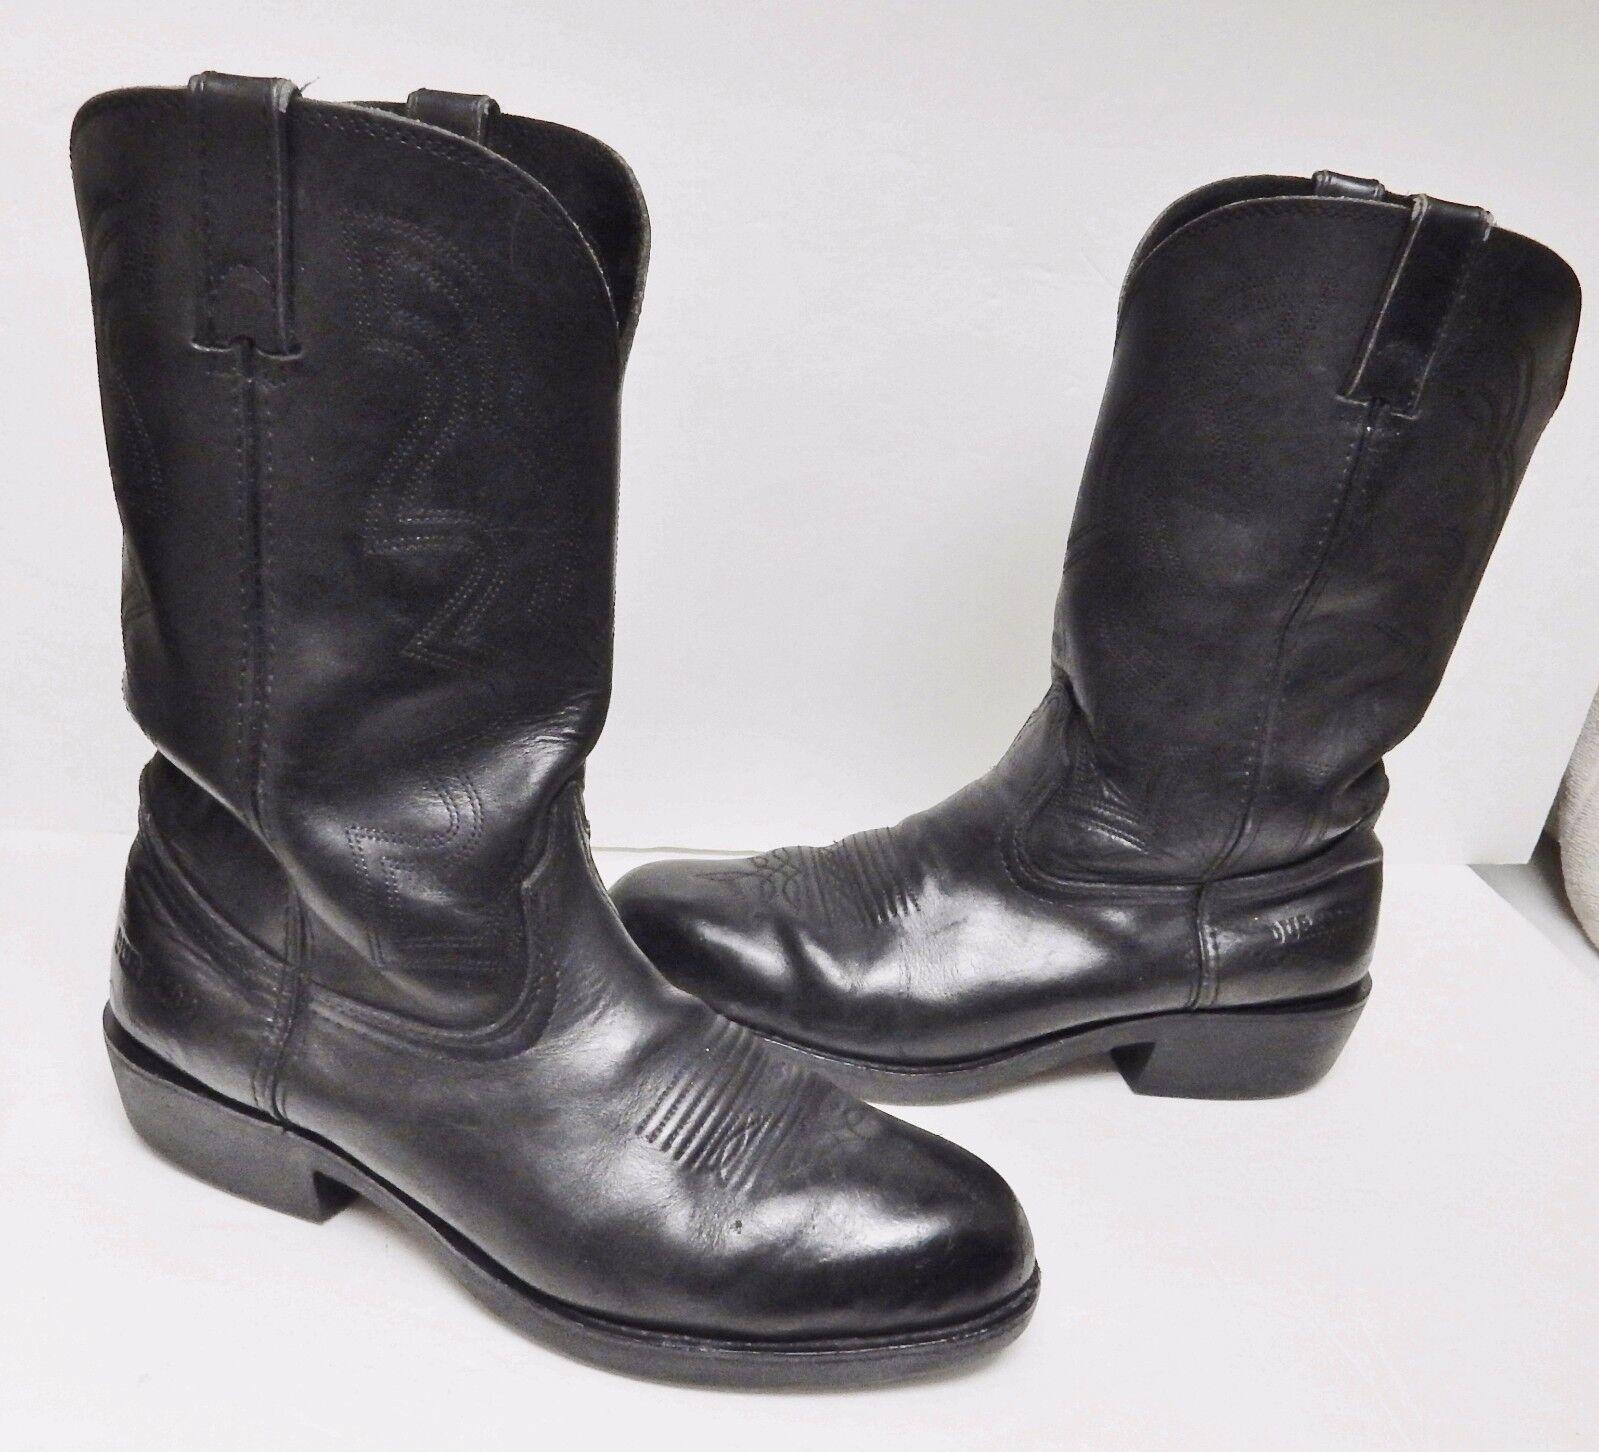 Durango Mens Boot FR200 Western Cowboy Ranch Work Roper Steel Toes BLACK 10.5 EE